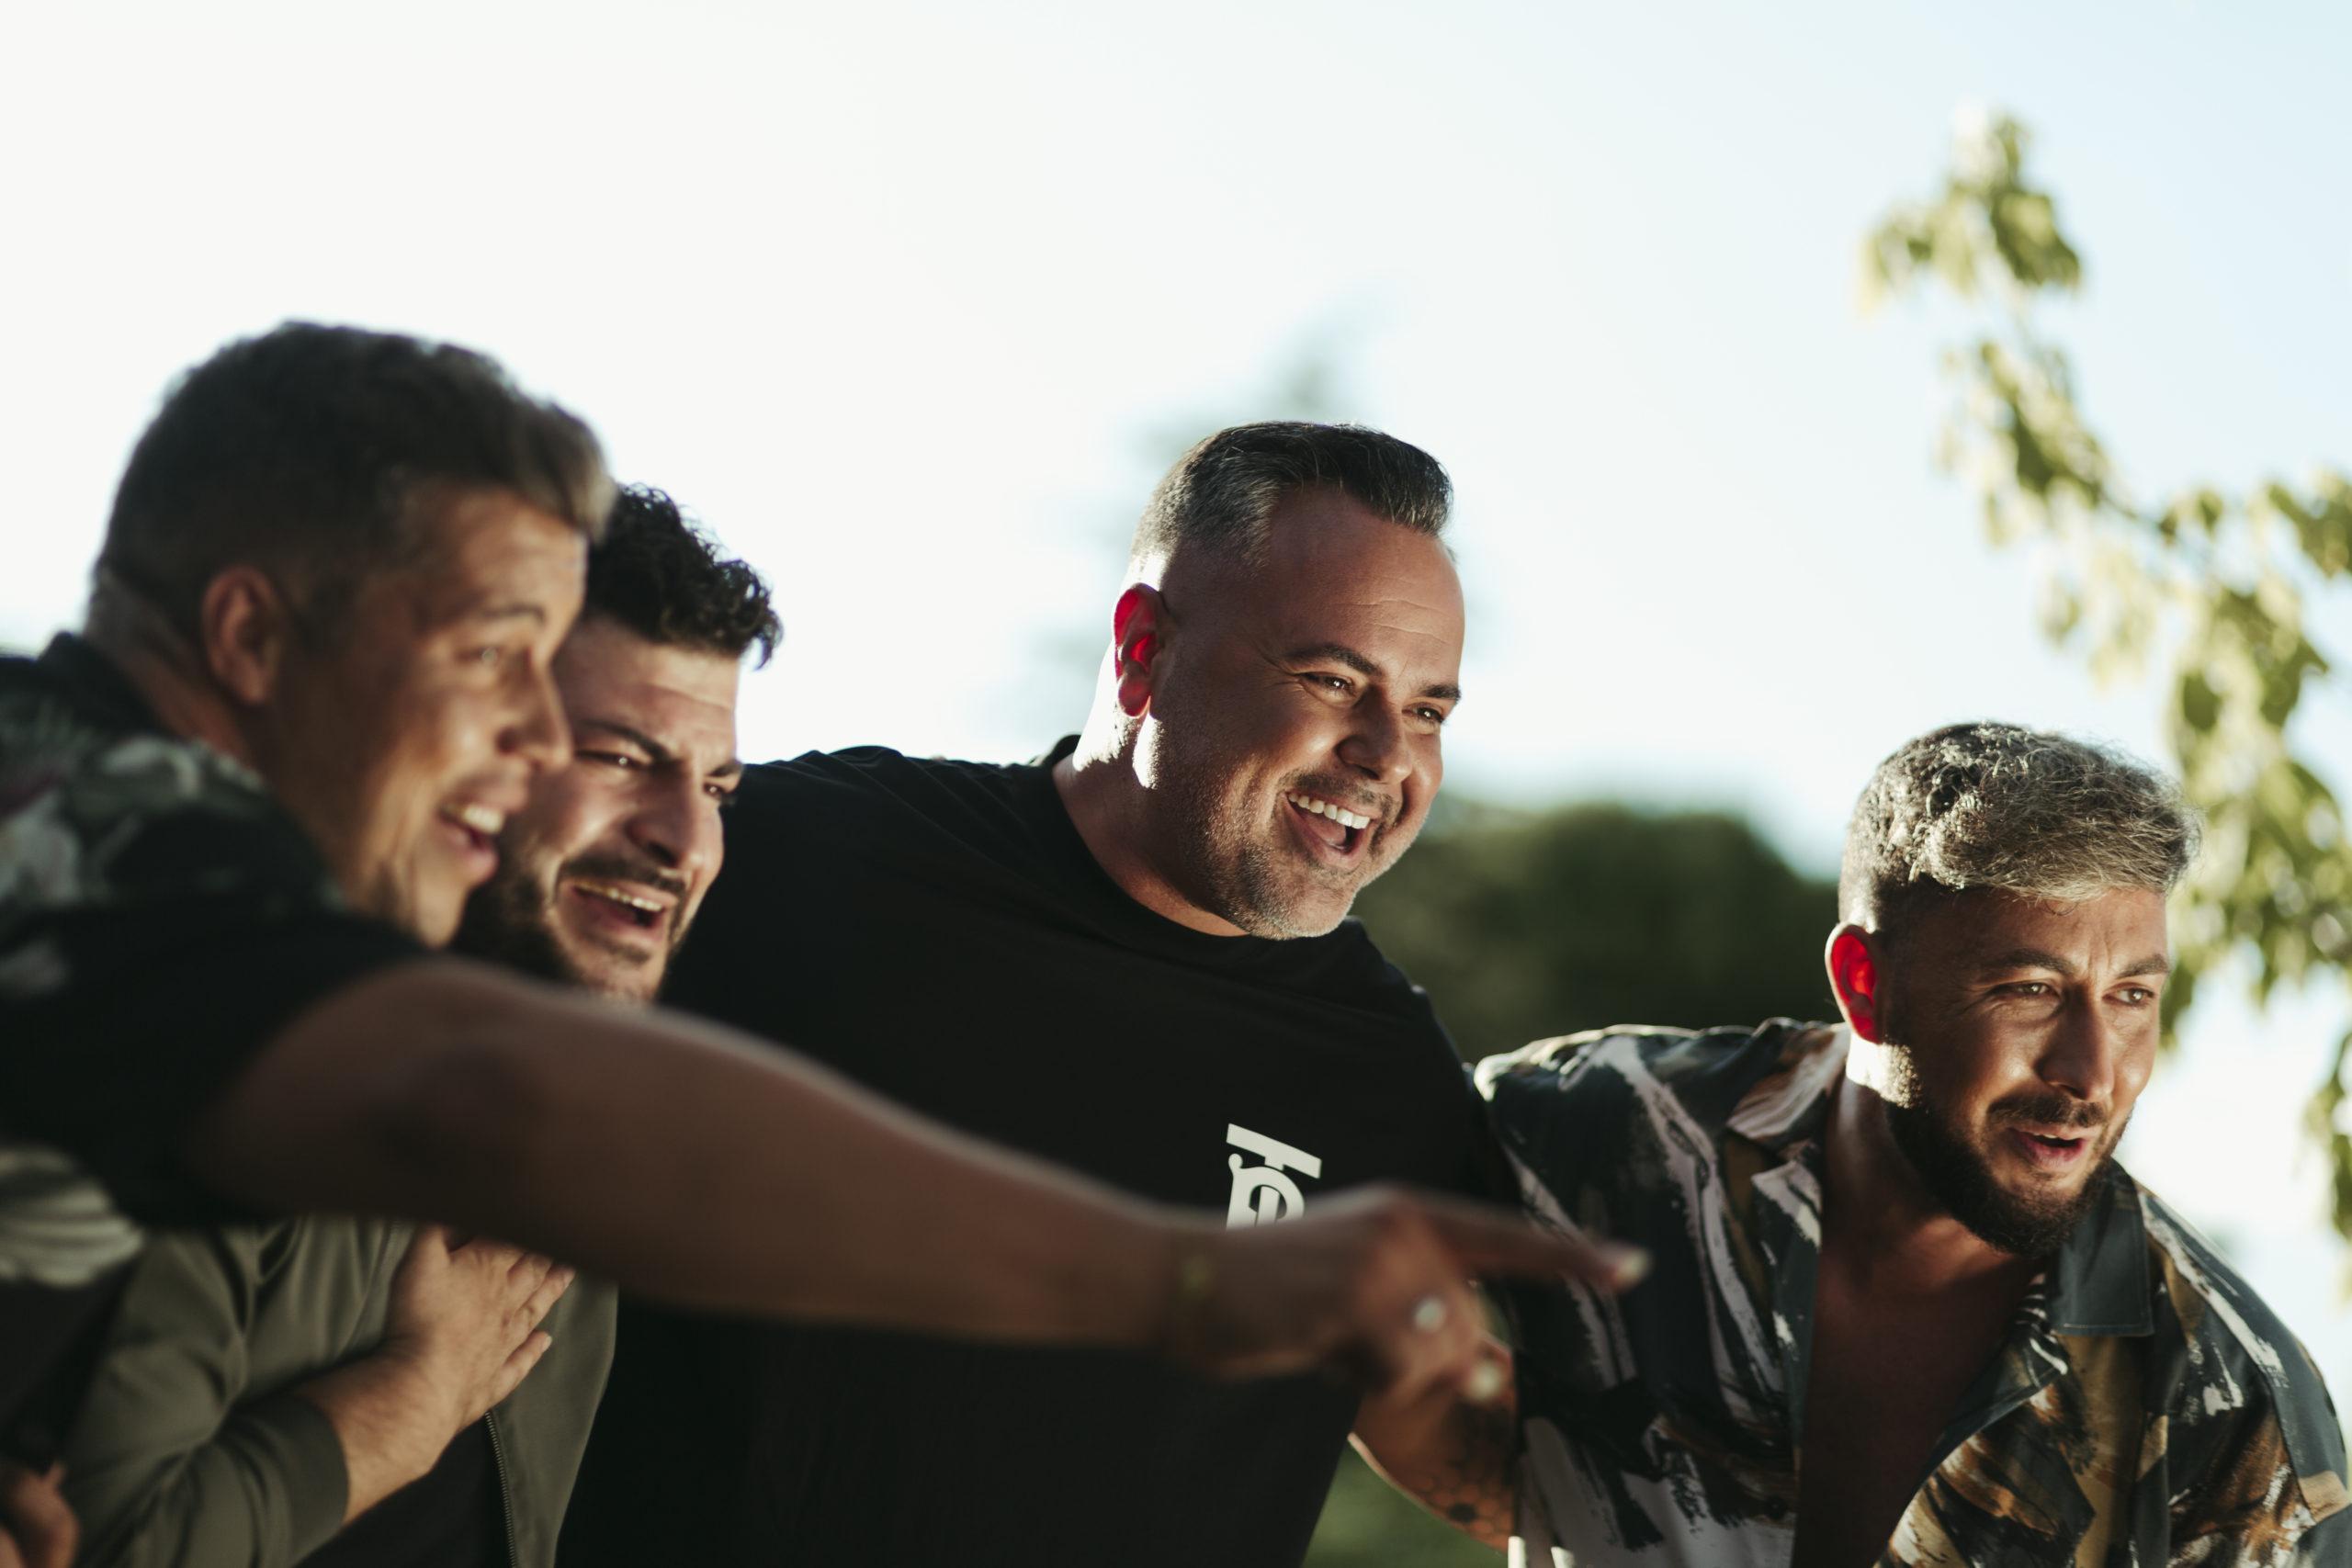 DECAI estrena «La Casita» junto a Juan Magán, una versión urbana del primer éxito en la carrera del grupo que celebra 15 años